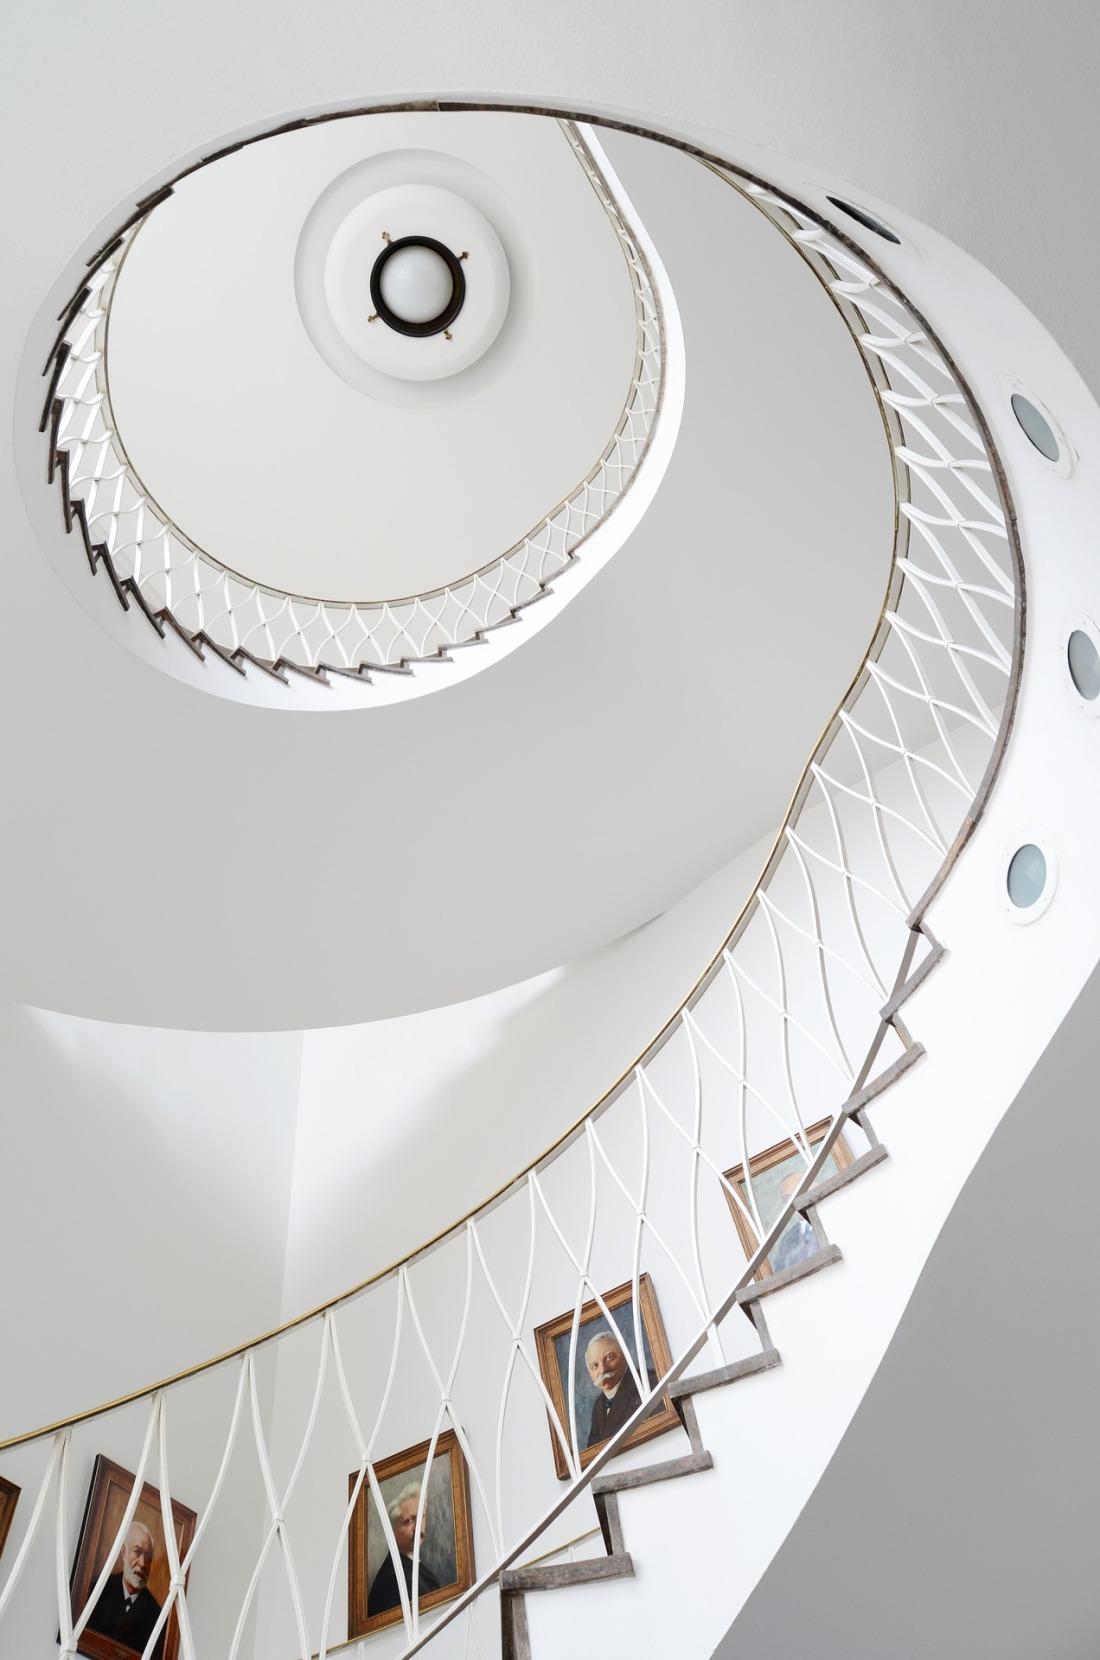 spiral-4059473_1920